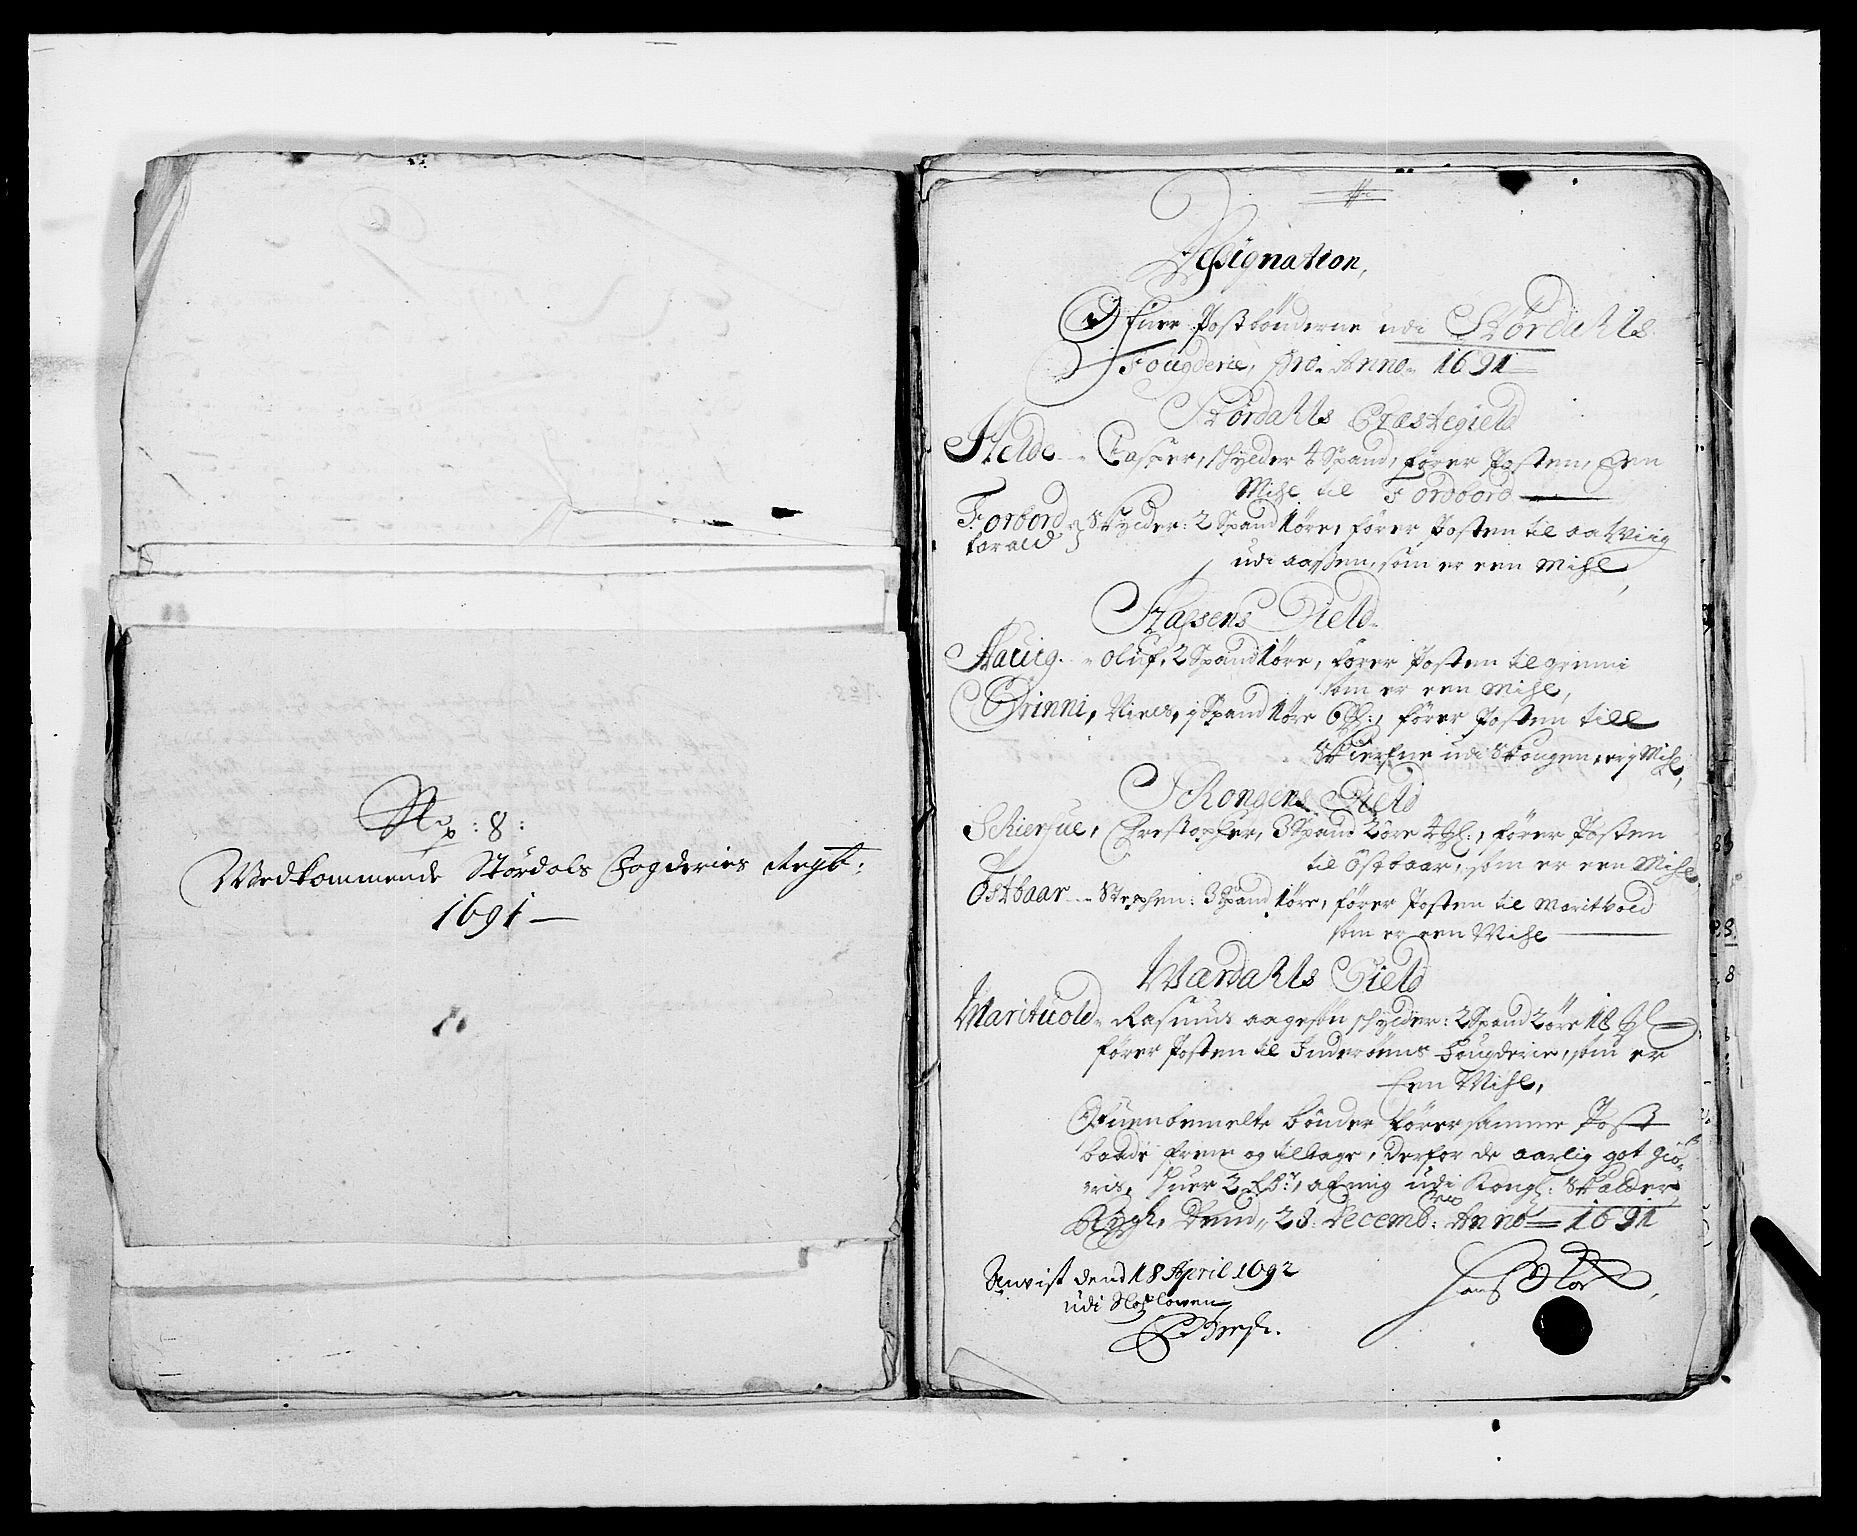 RA, Rentekammeret inntil 1814, Reviderte regnskaper, Fogderegnskap, R62/L4184: Fogderegnskap Stjørdal og Verdal, 1690-1691, s. 434